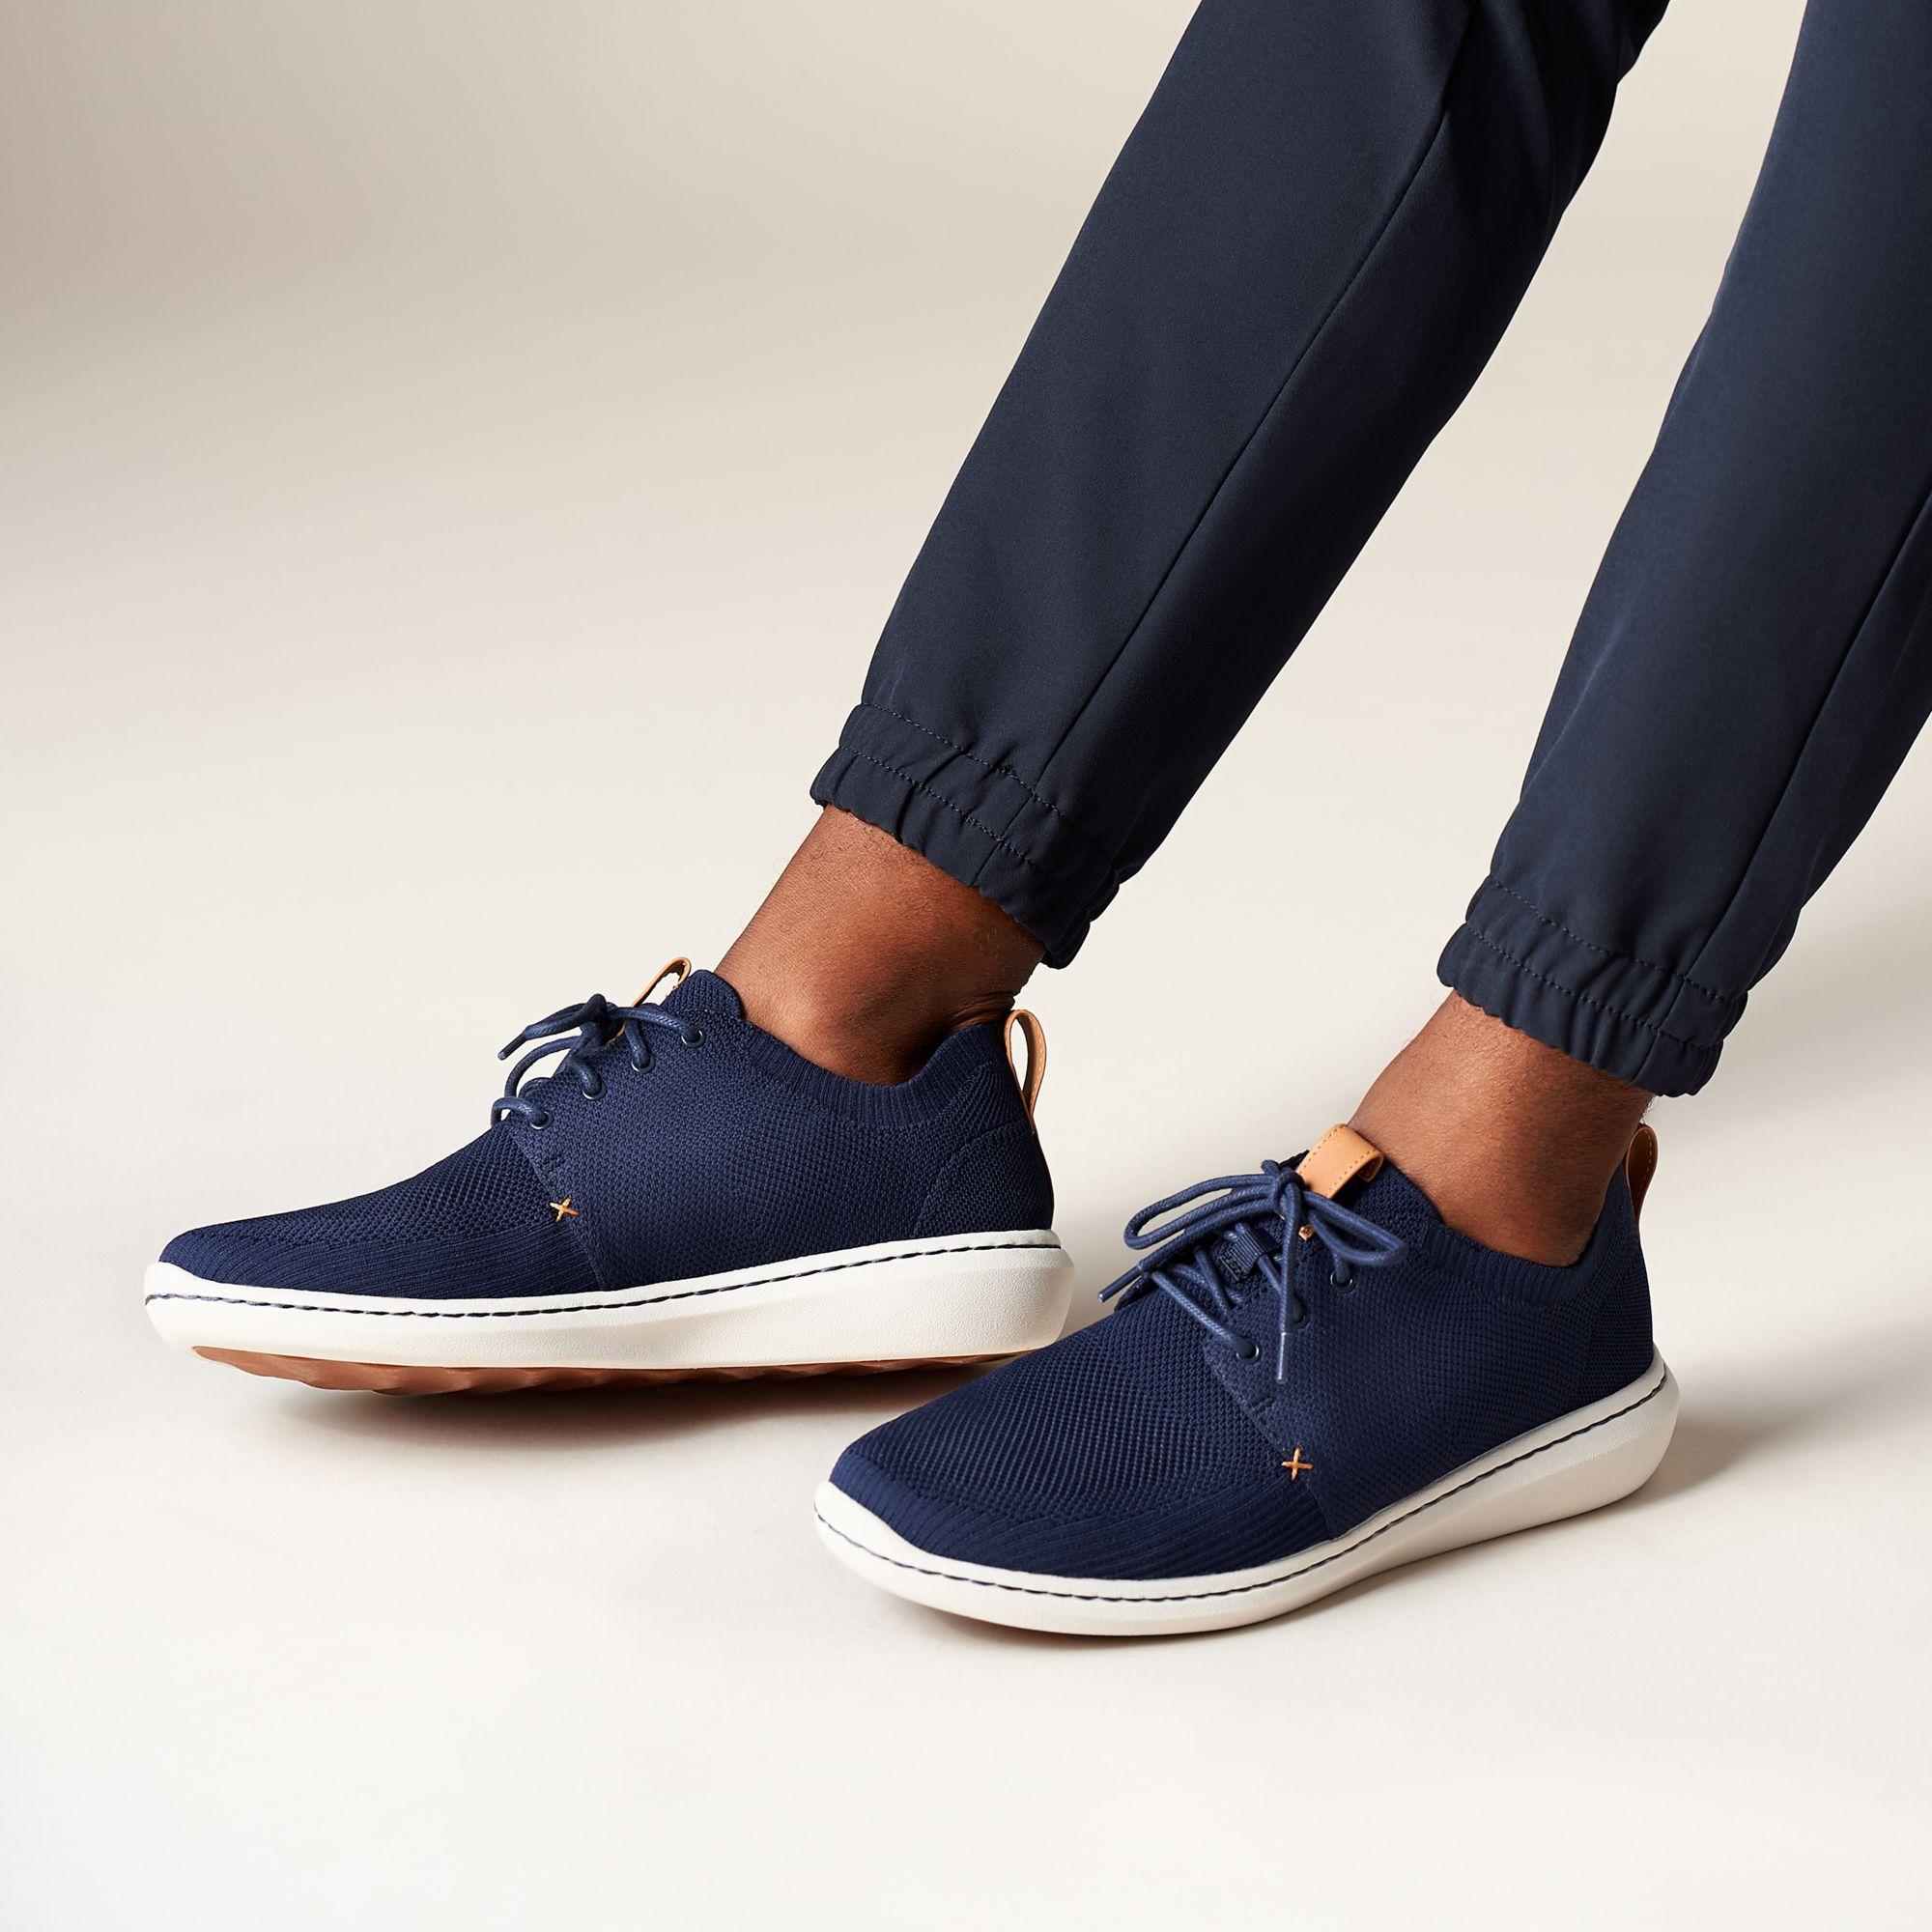 Мъжки ежедневни обувки от текстил Clarks Step Urban Mix Navy морско синьо - снимка 9